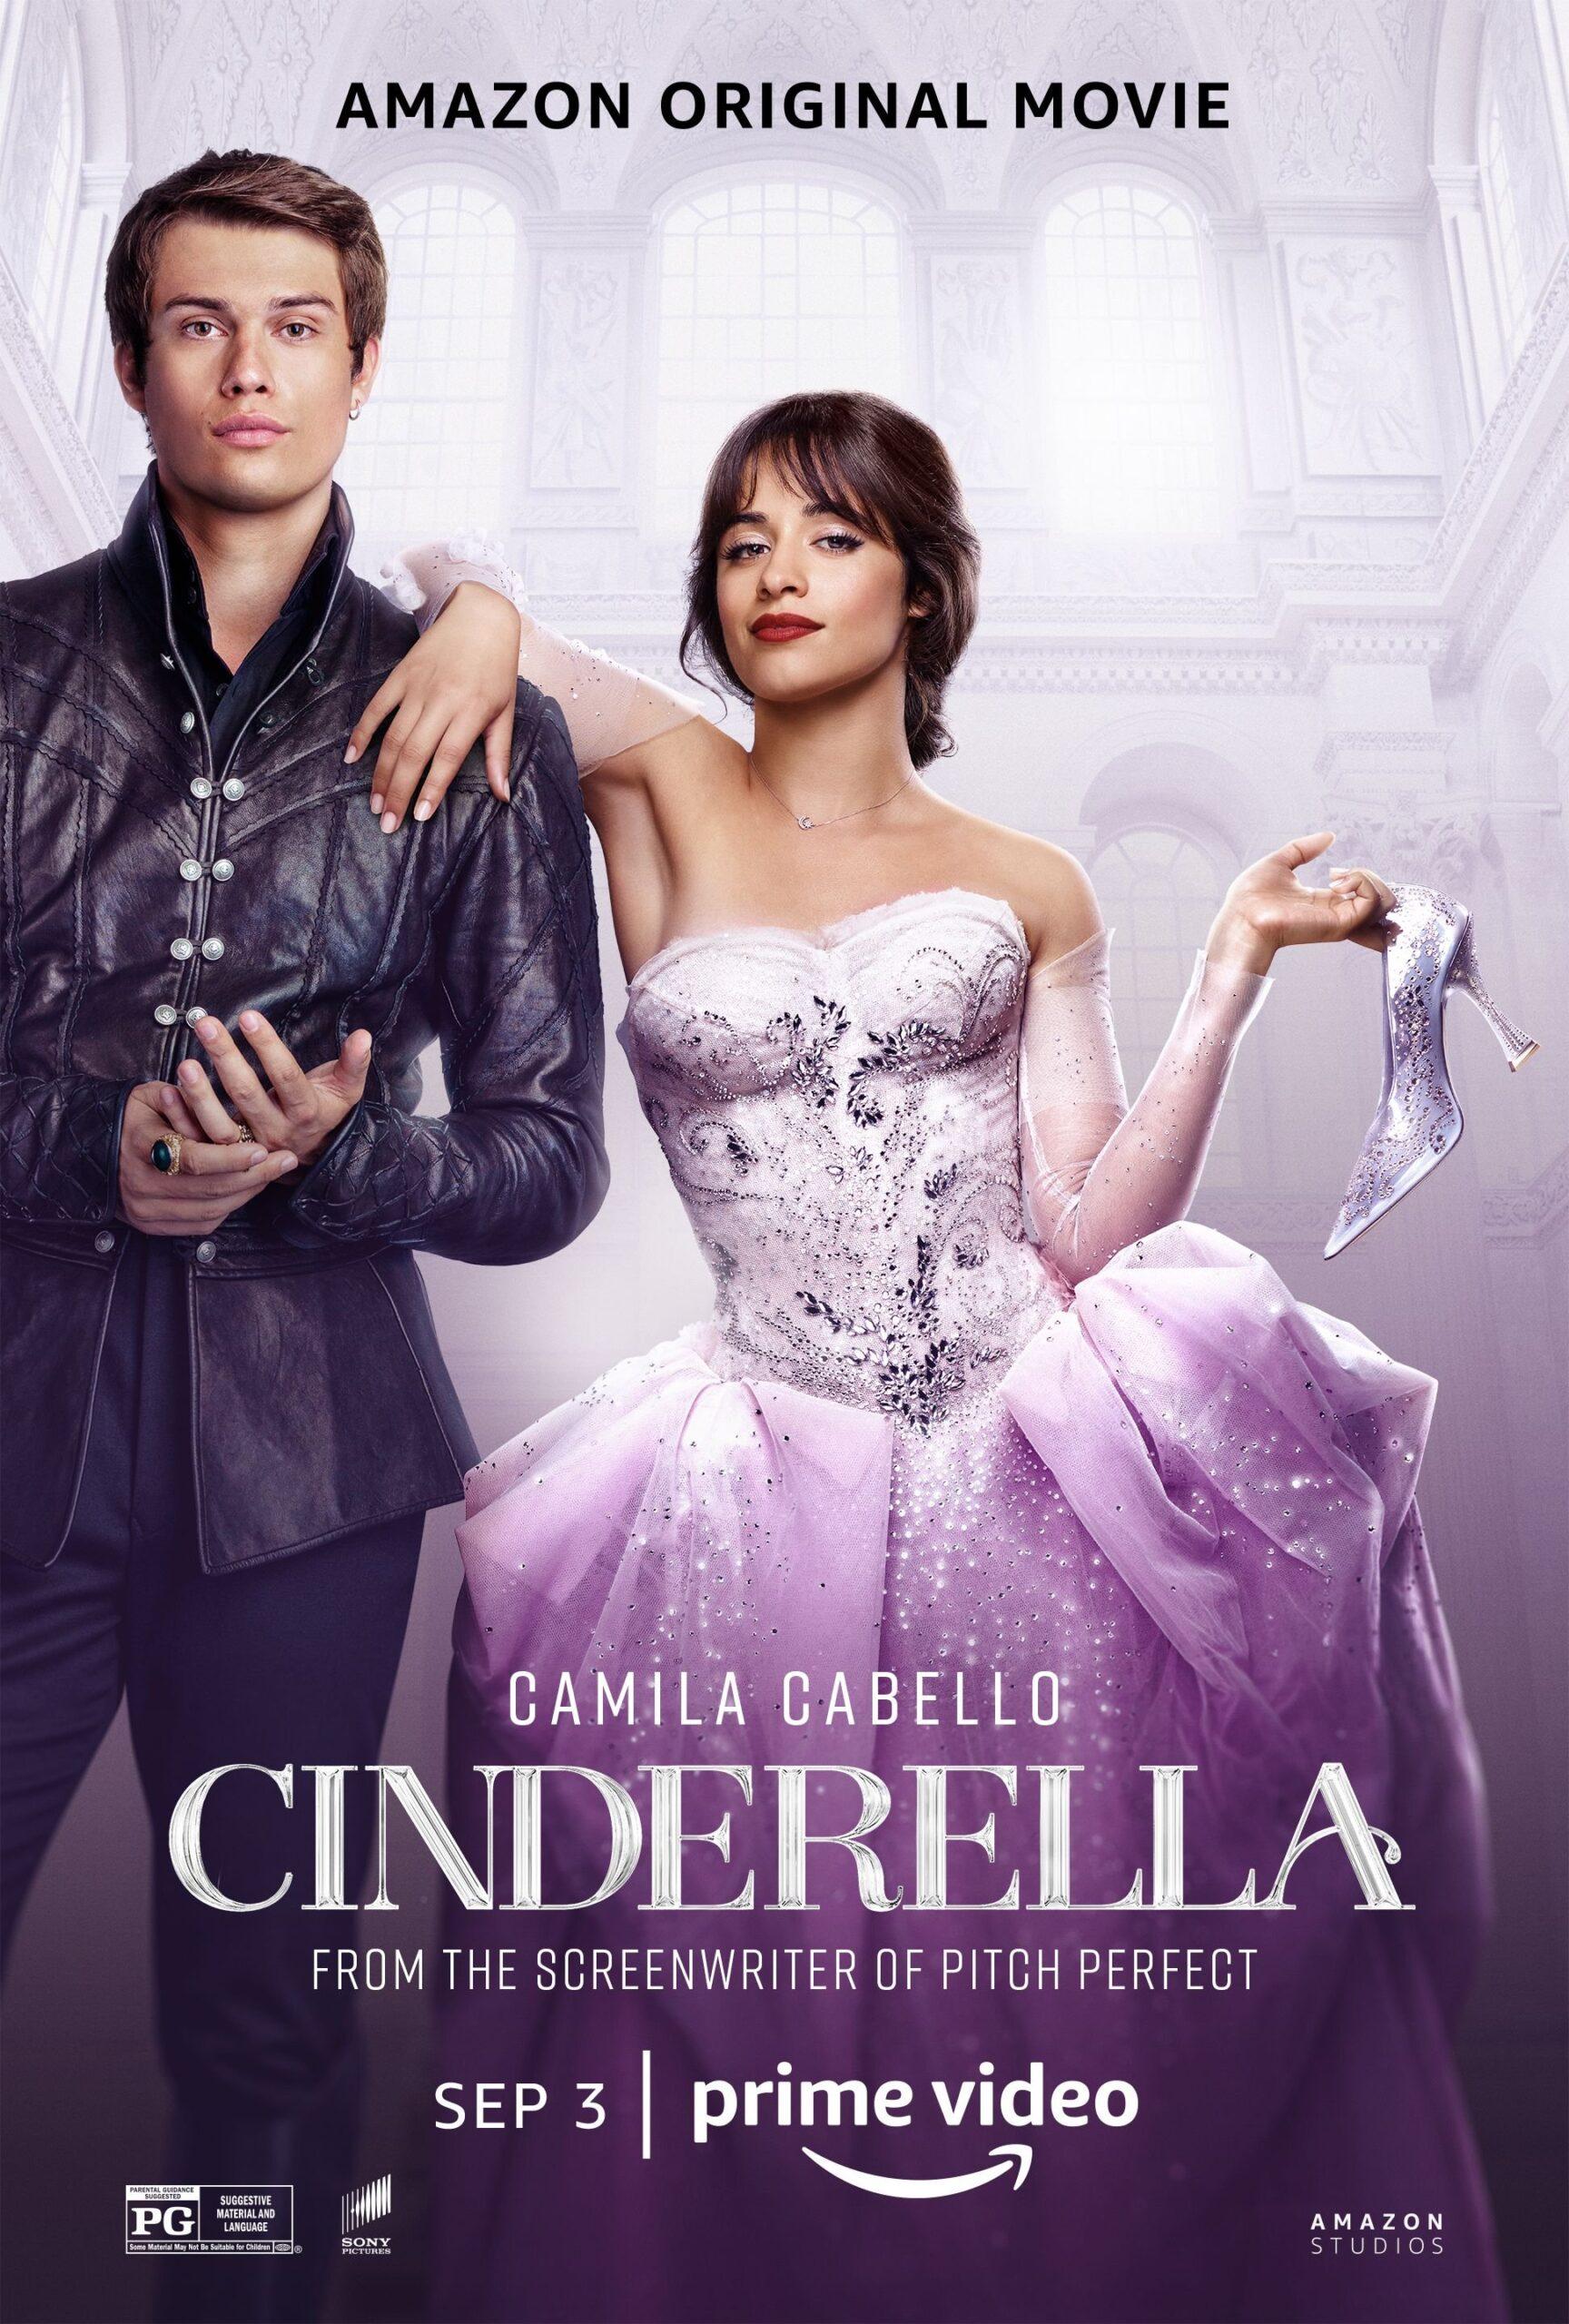 2021-CINDERELLA-CAMILA-CABELLO